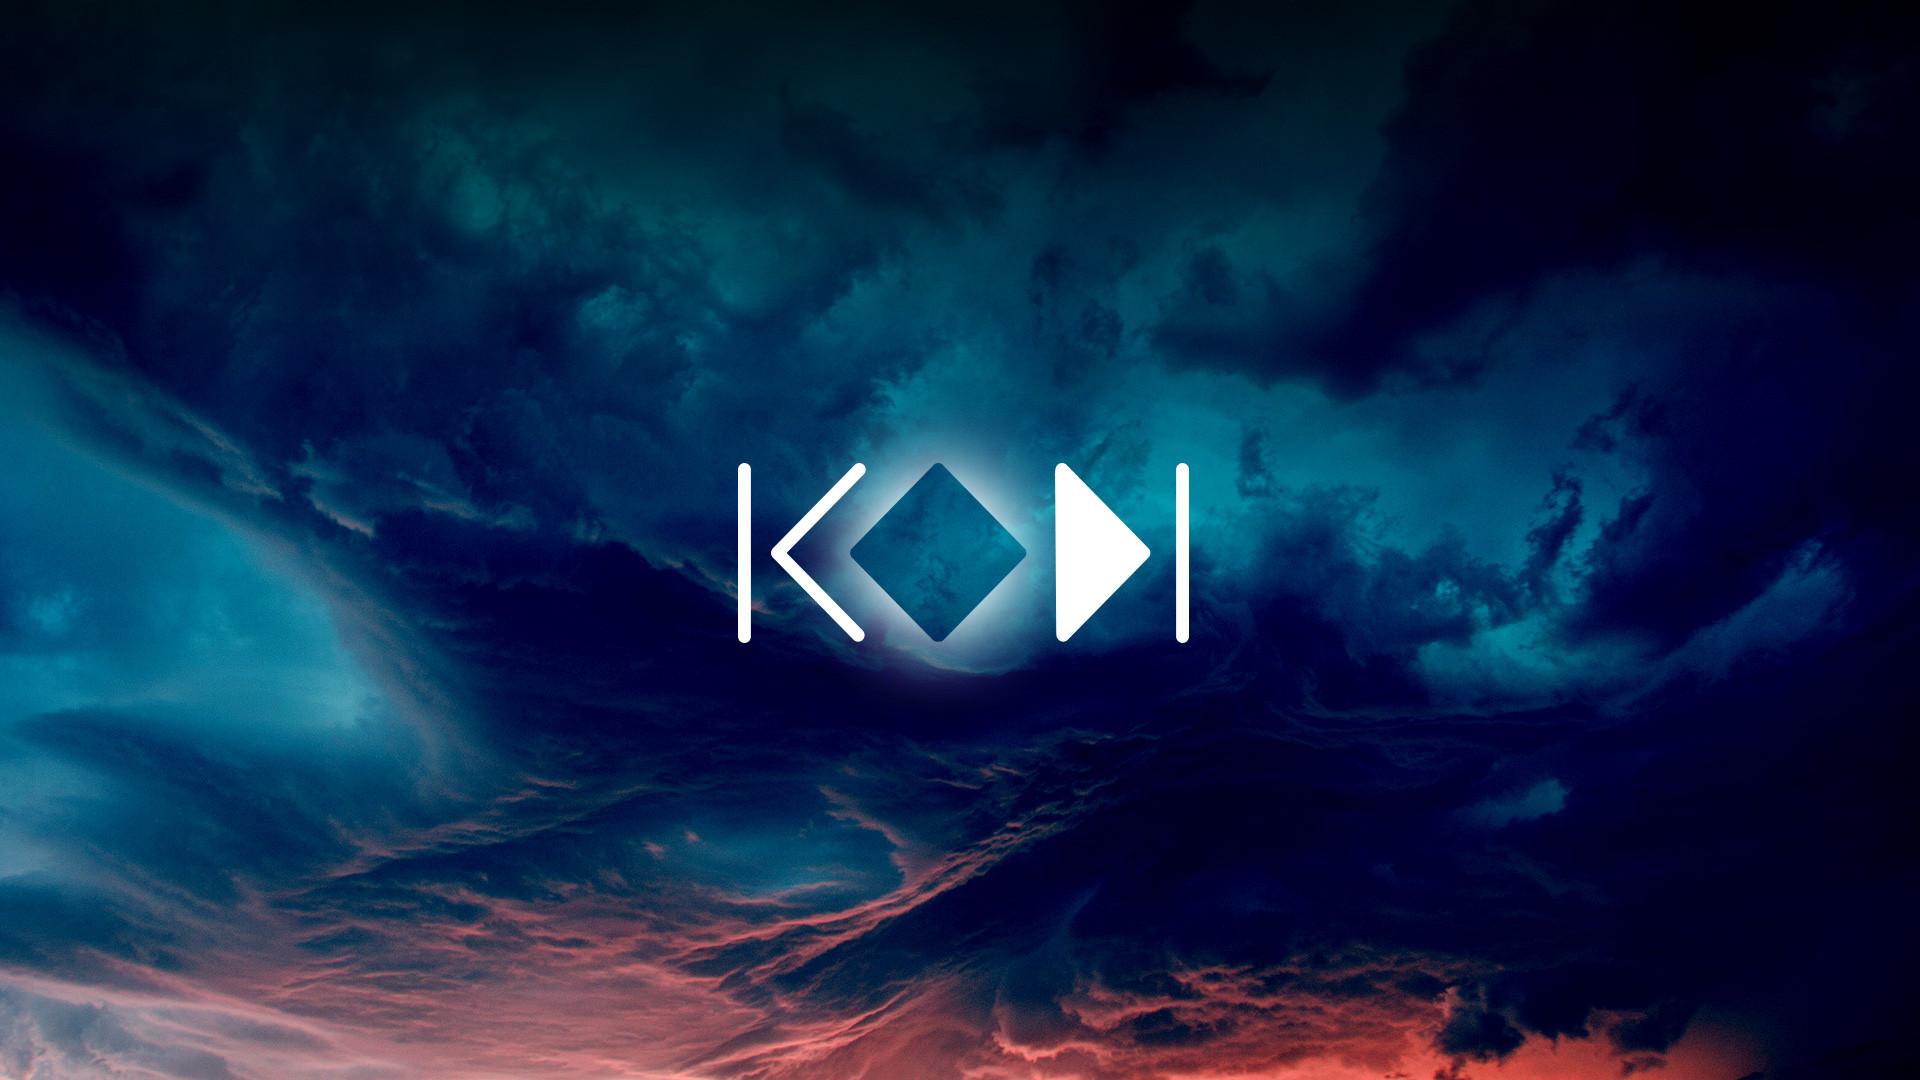 Kodi logo suggestions and ideas 1920x1080